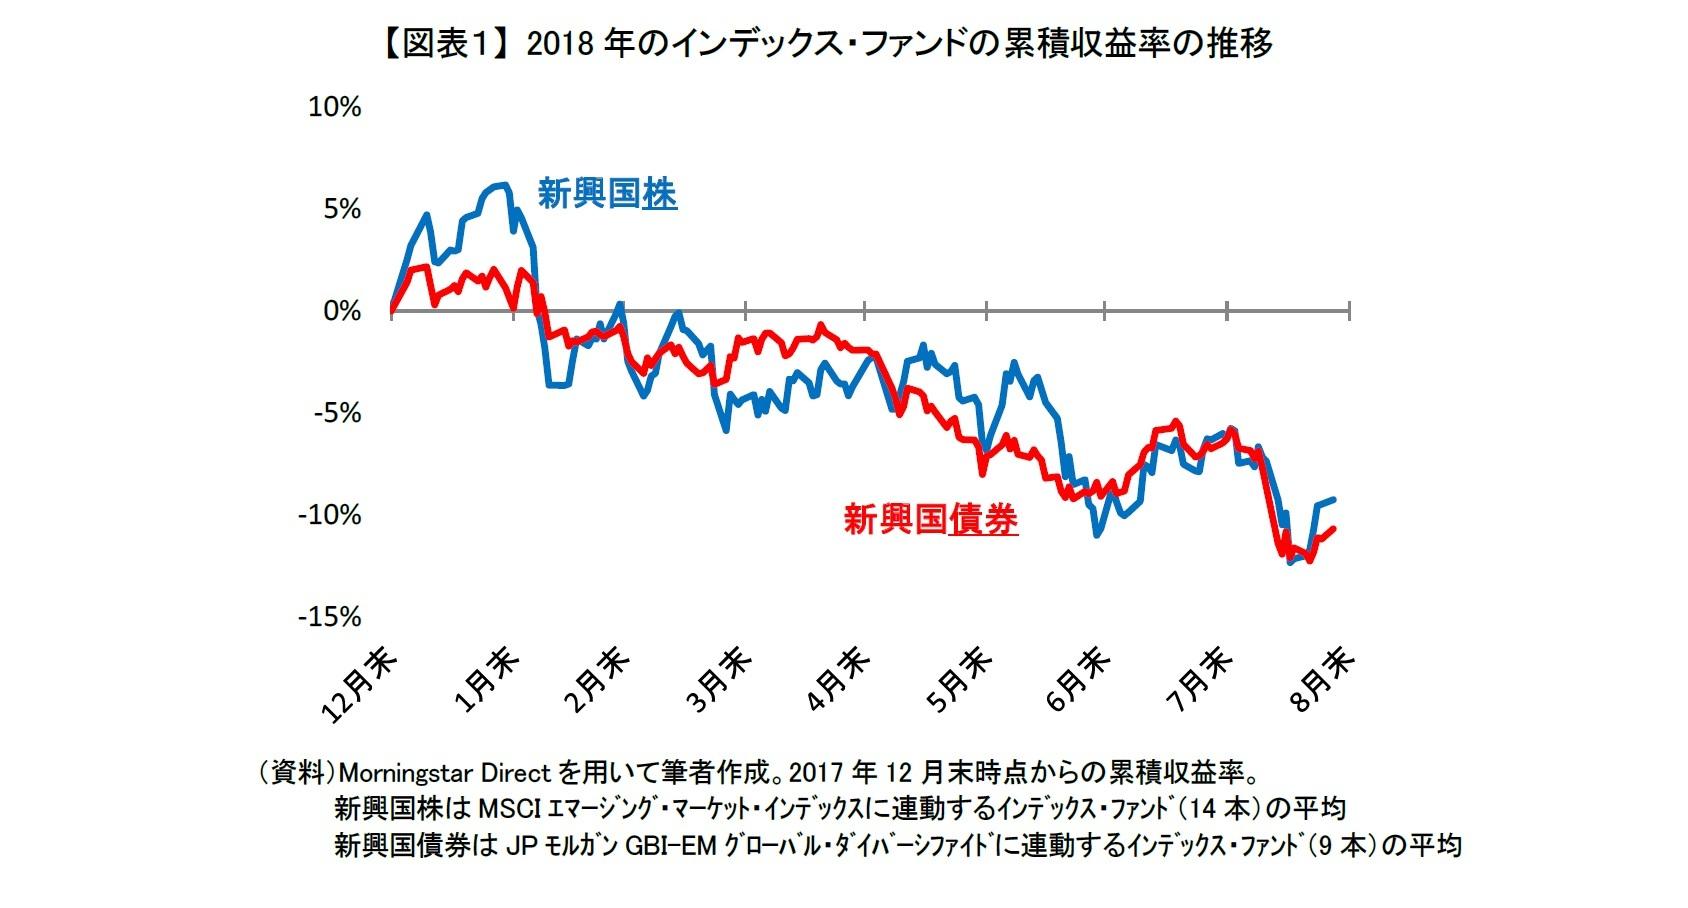 【図表1】 2018年のインデックス・ファンドの累積収益率の推移